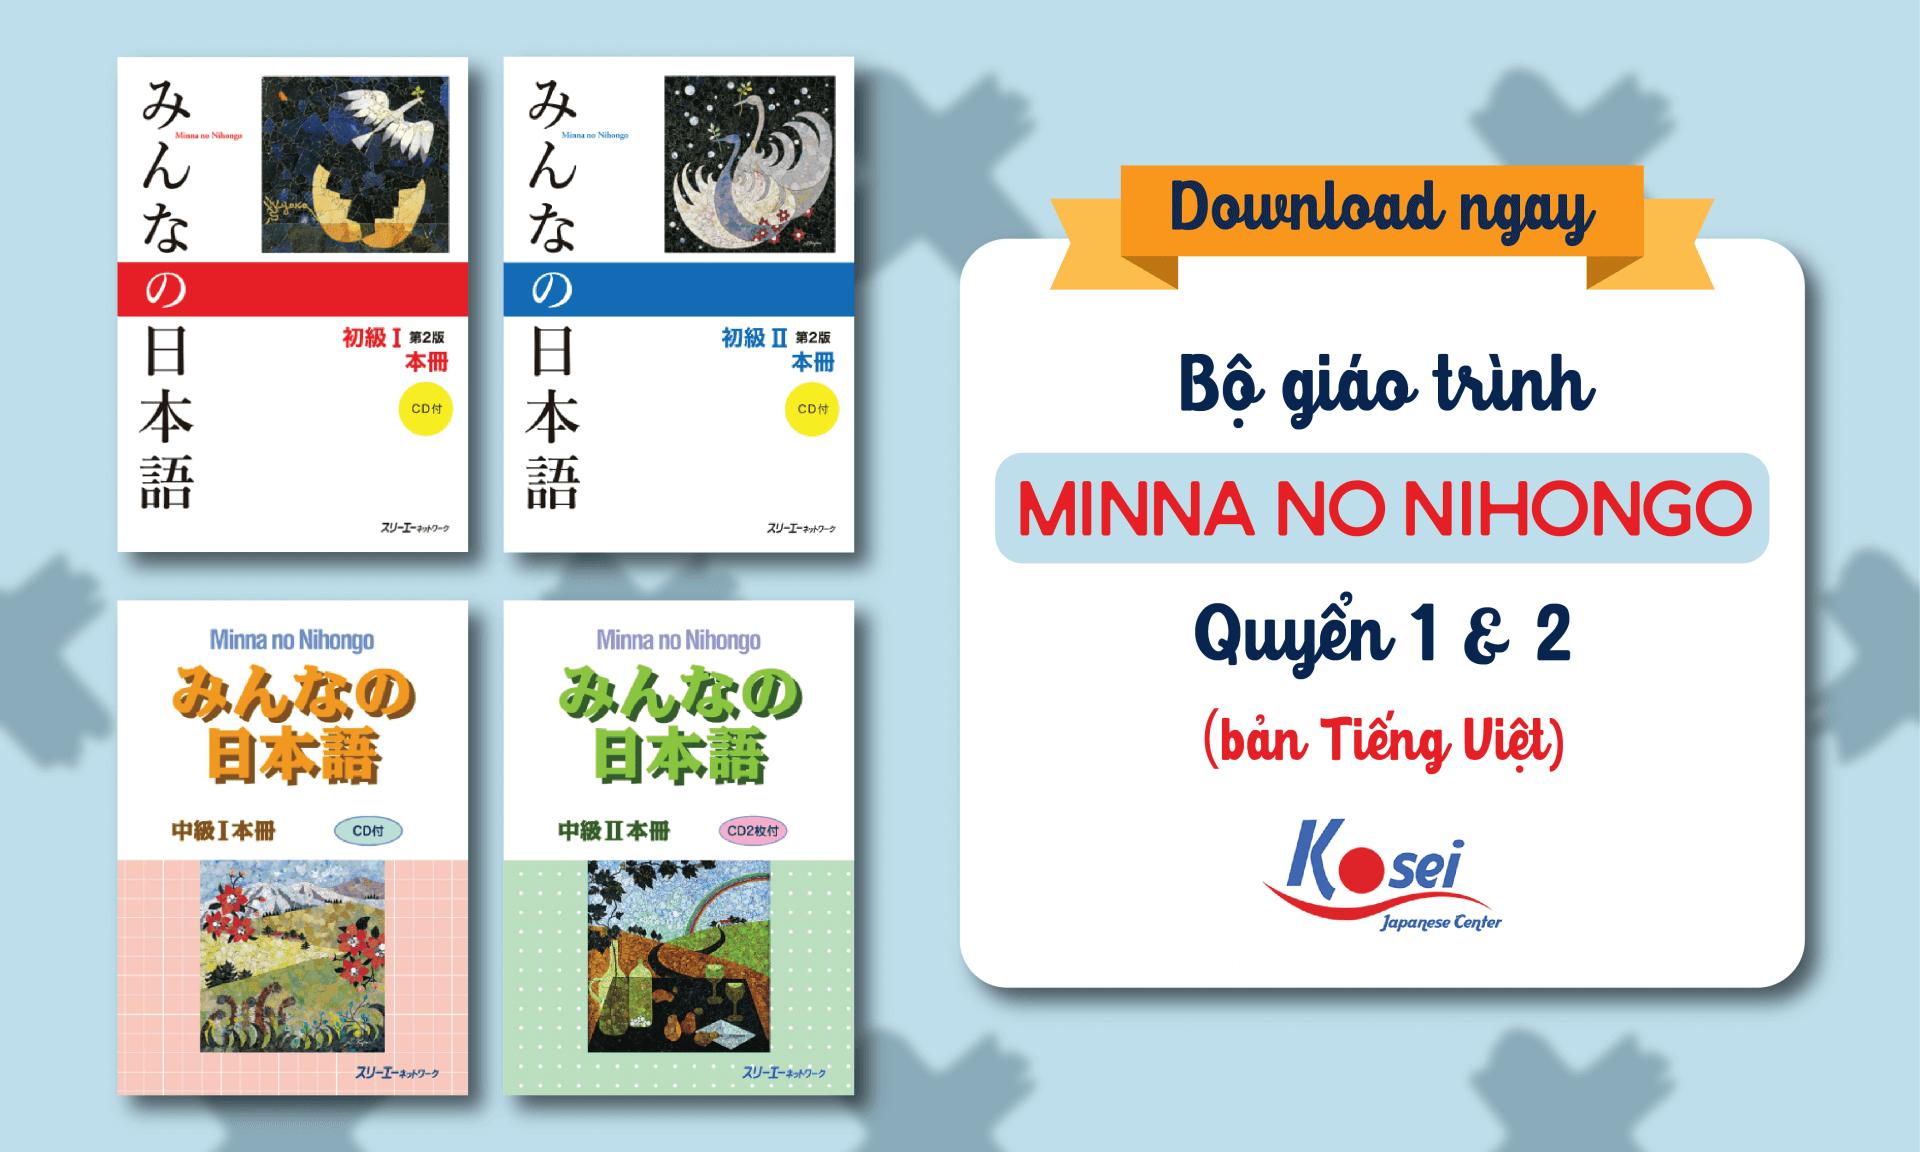 Nhanh tay nhận ngay giáo trình Minnano nihongo 1 và 2 chi tiết nhất